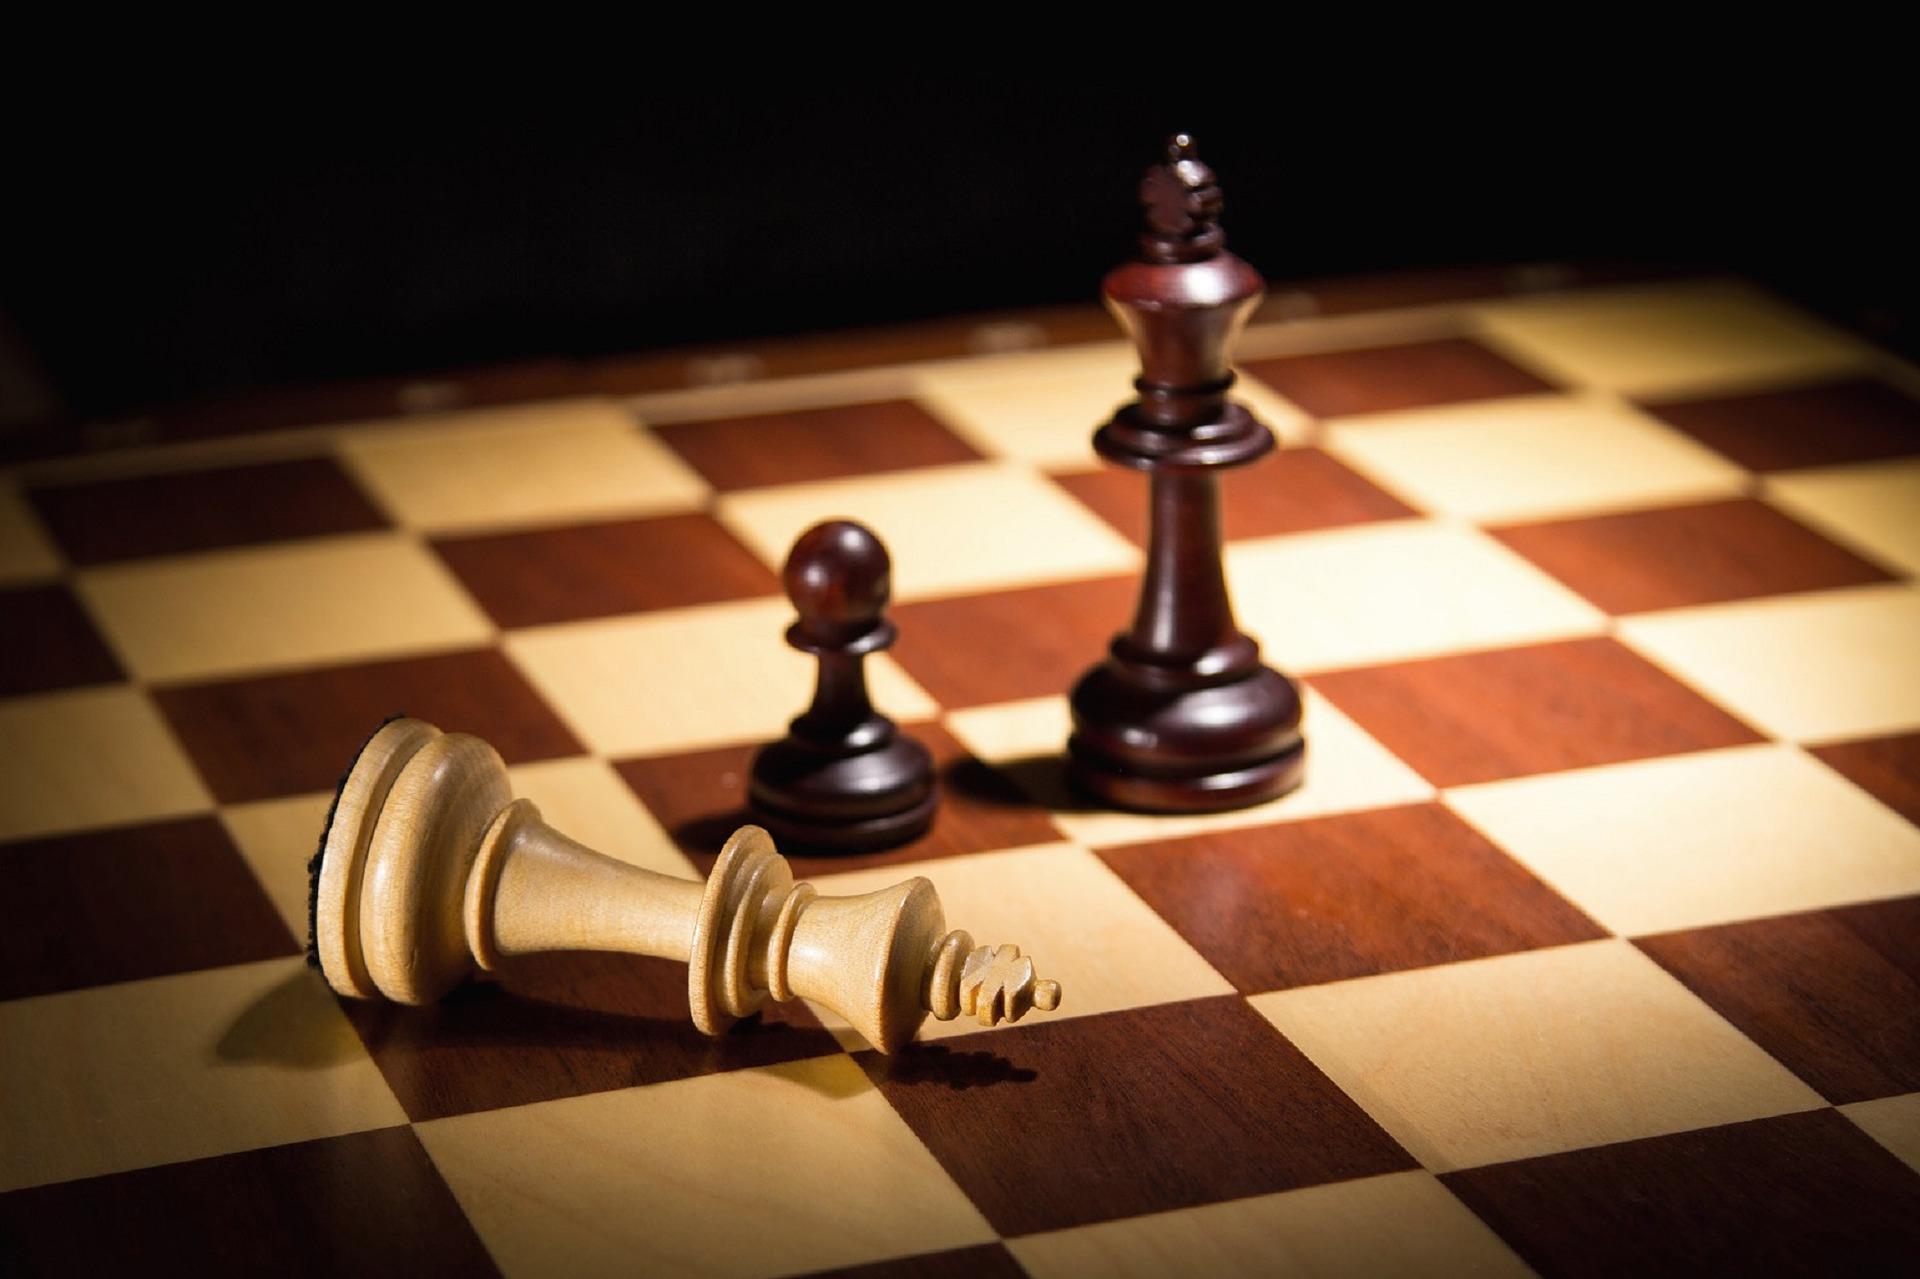 Nybro Schacksällskap